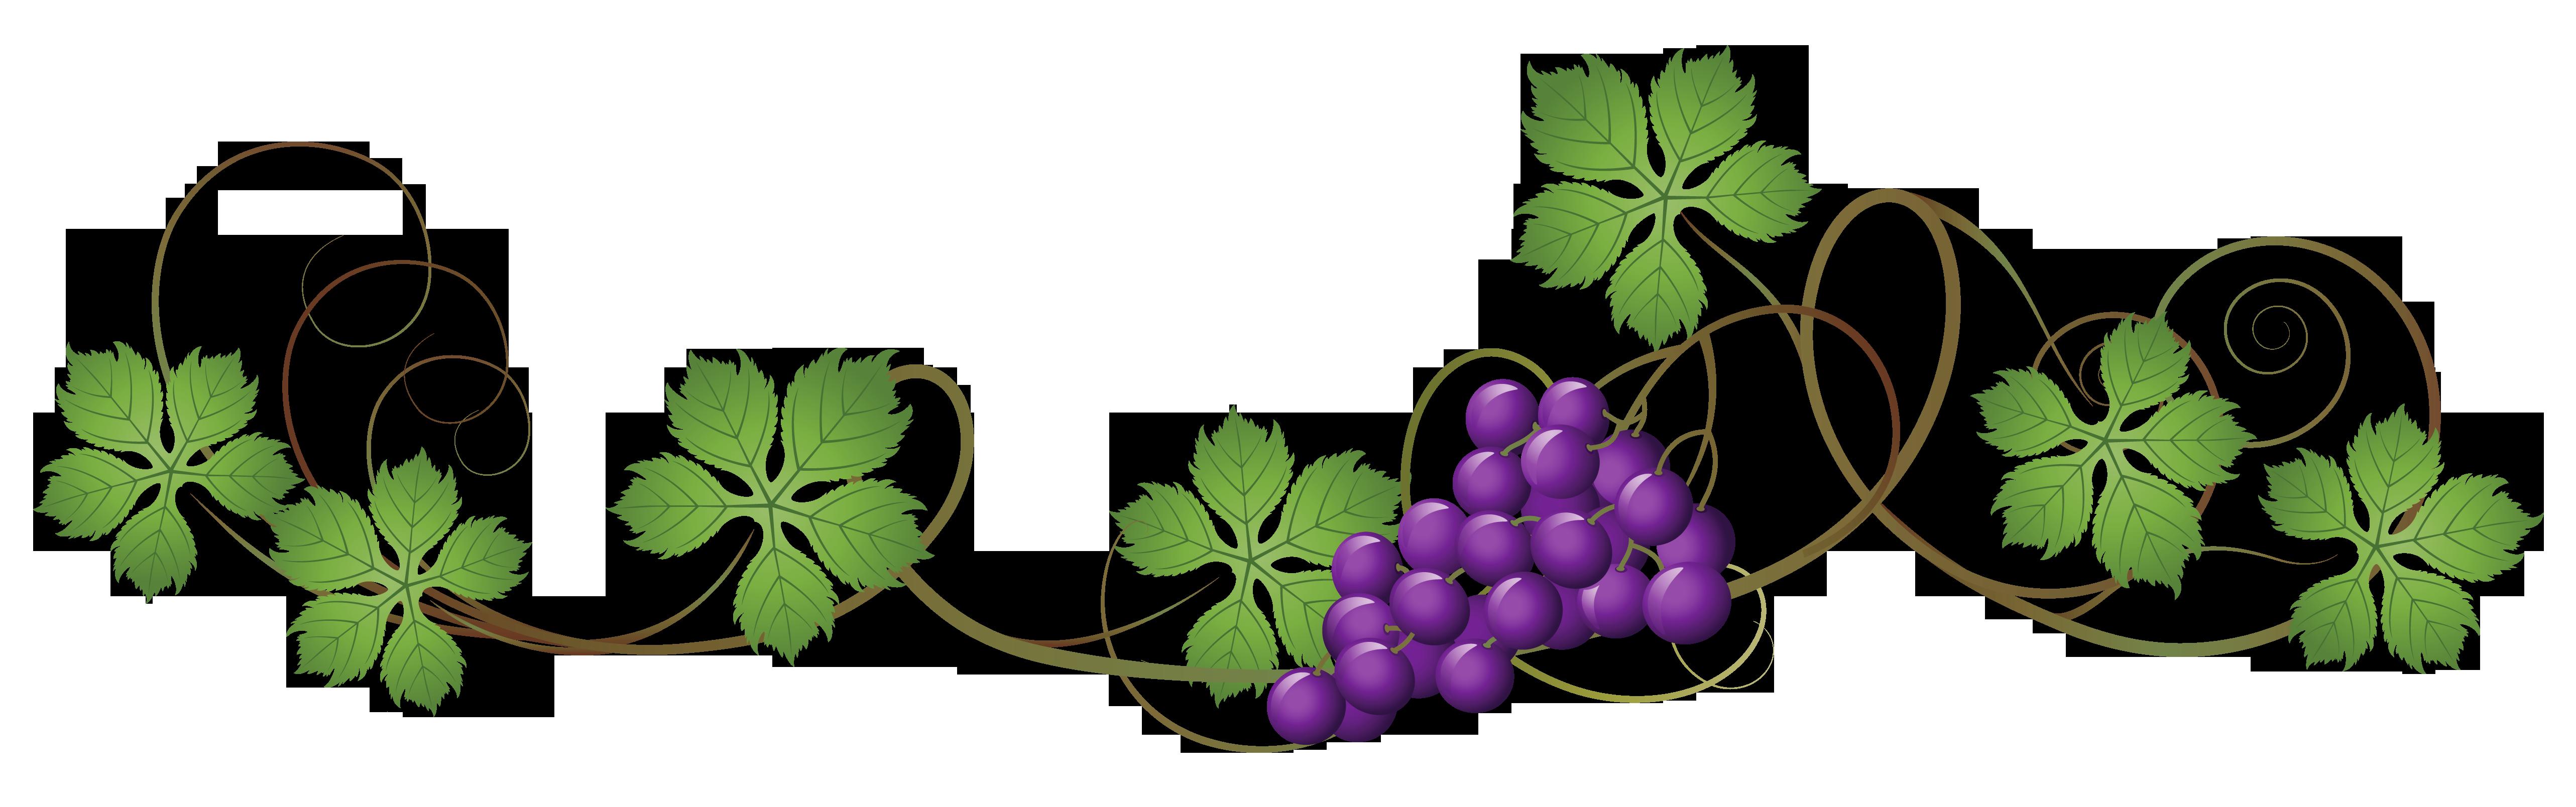 Vine_Decoration_PNG_Clipart_Picture.png (5130×1608) | Vine decoration, Clip  art, Clip art borders